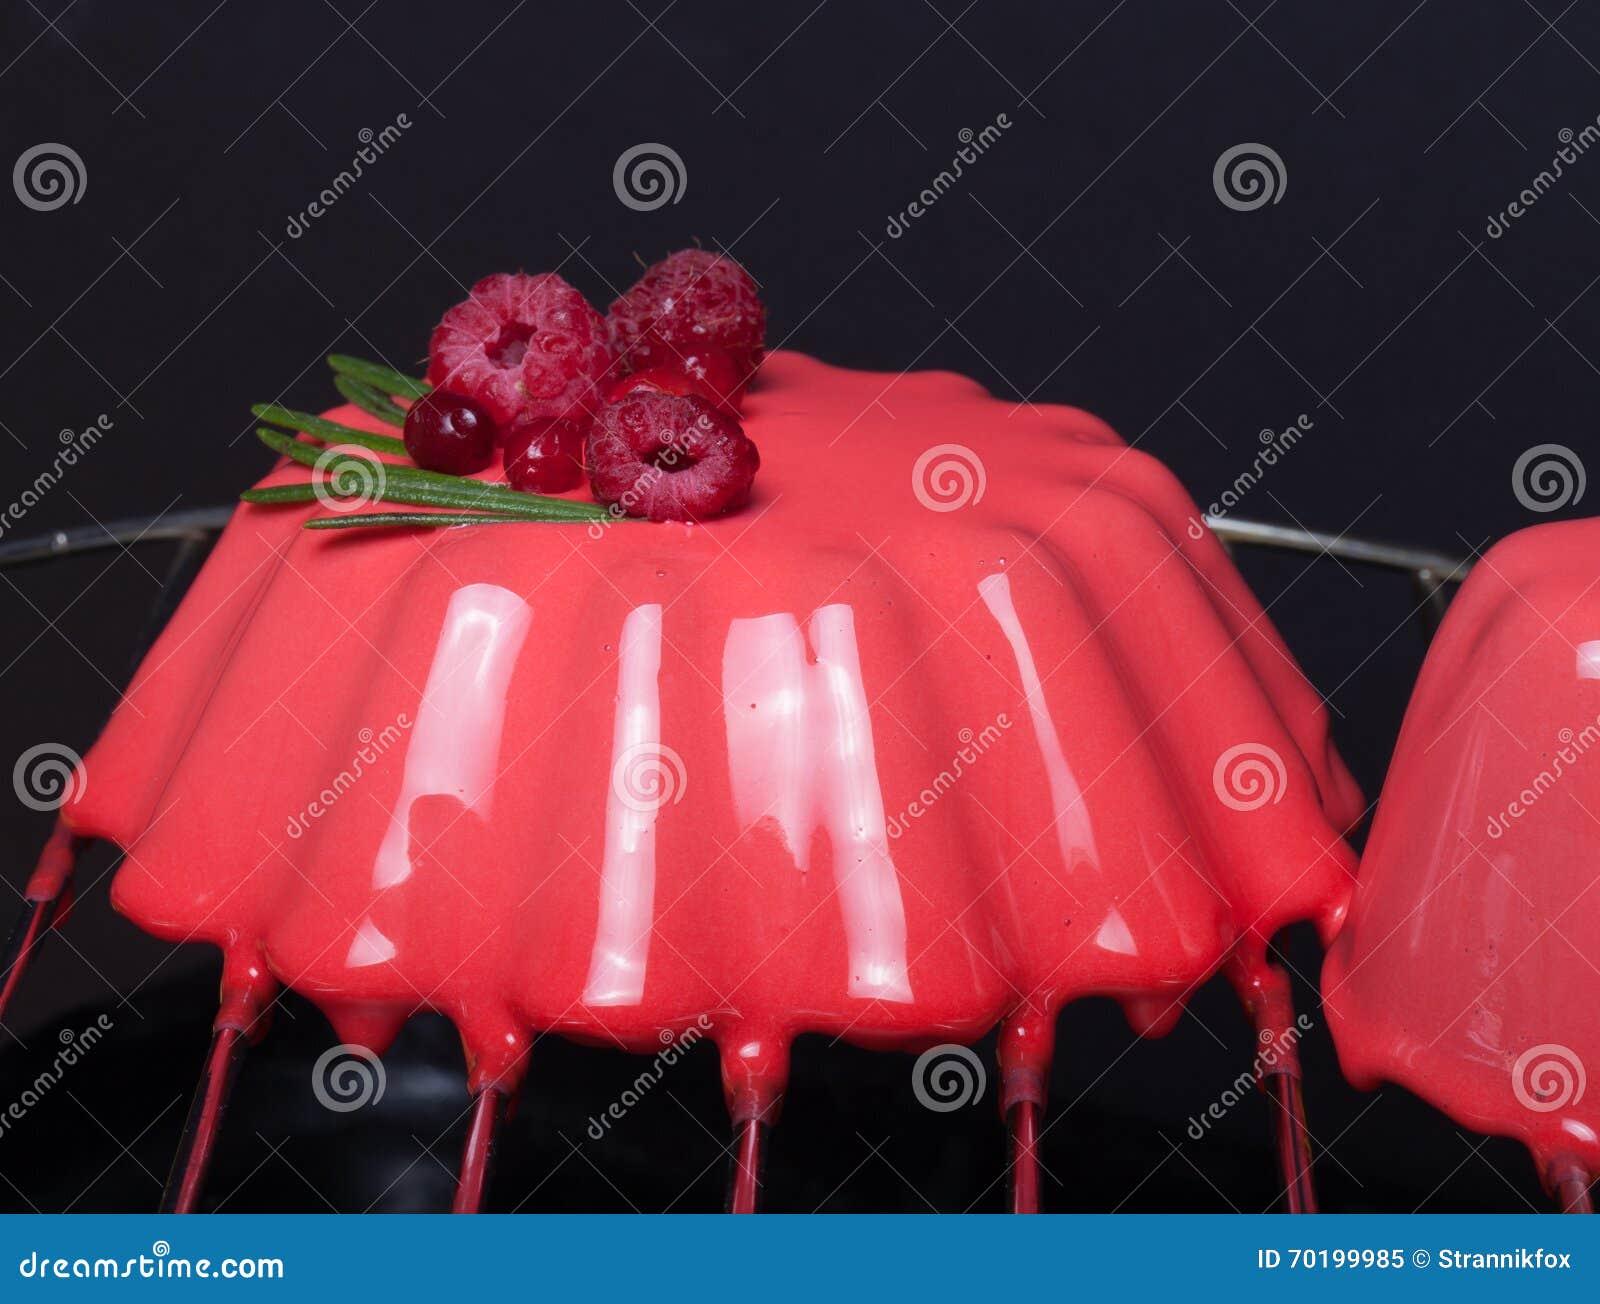 Röd moussekaka med bär grunt djupfält selektivt